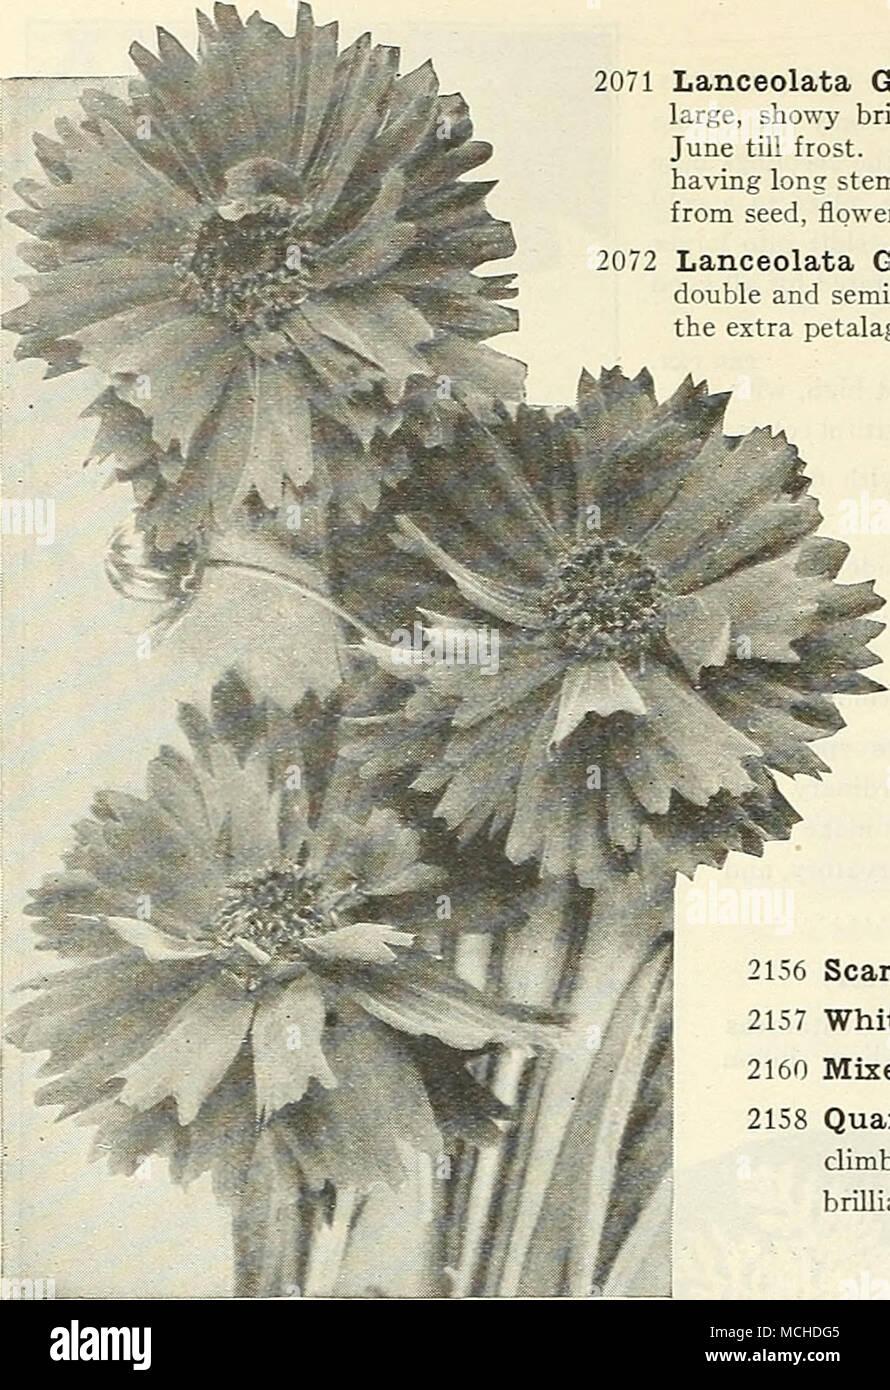 Fiori Del Mese Di Giugno per coreopsis pkt. lanceolata grandiflora. questo è uno dei